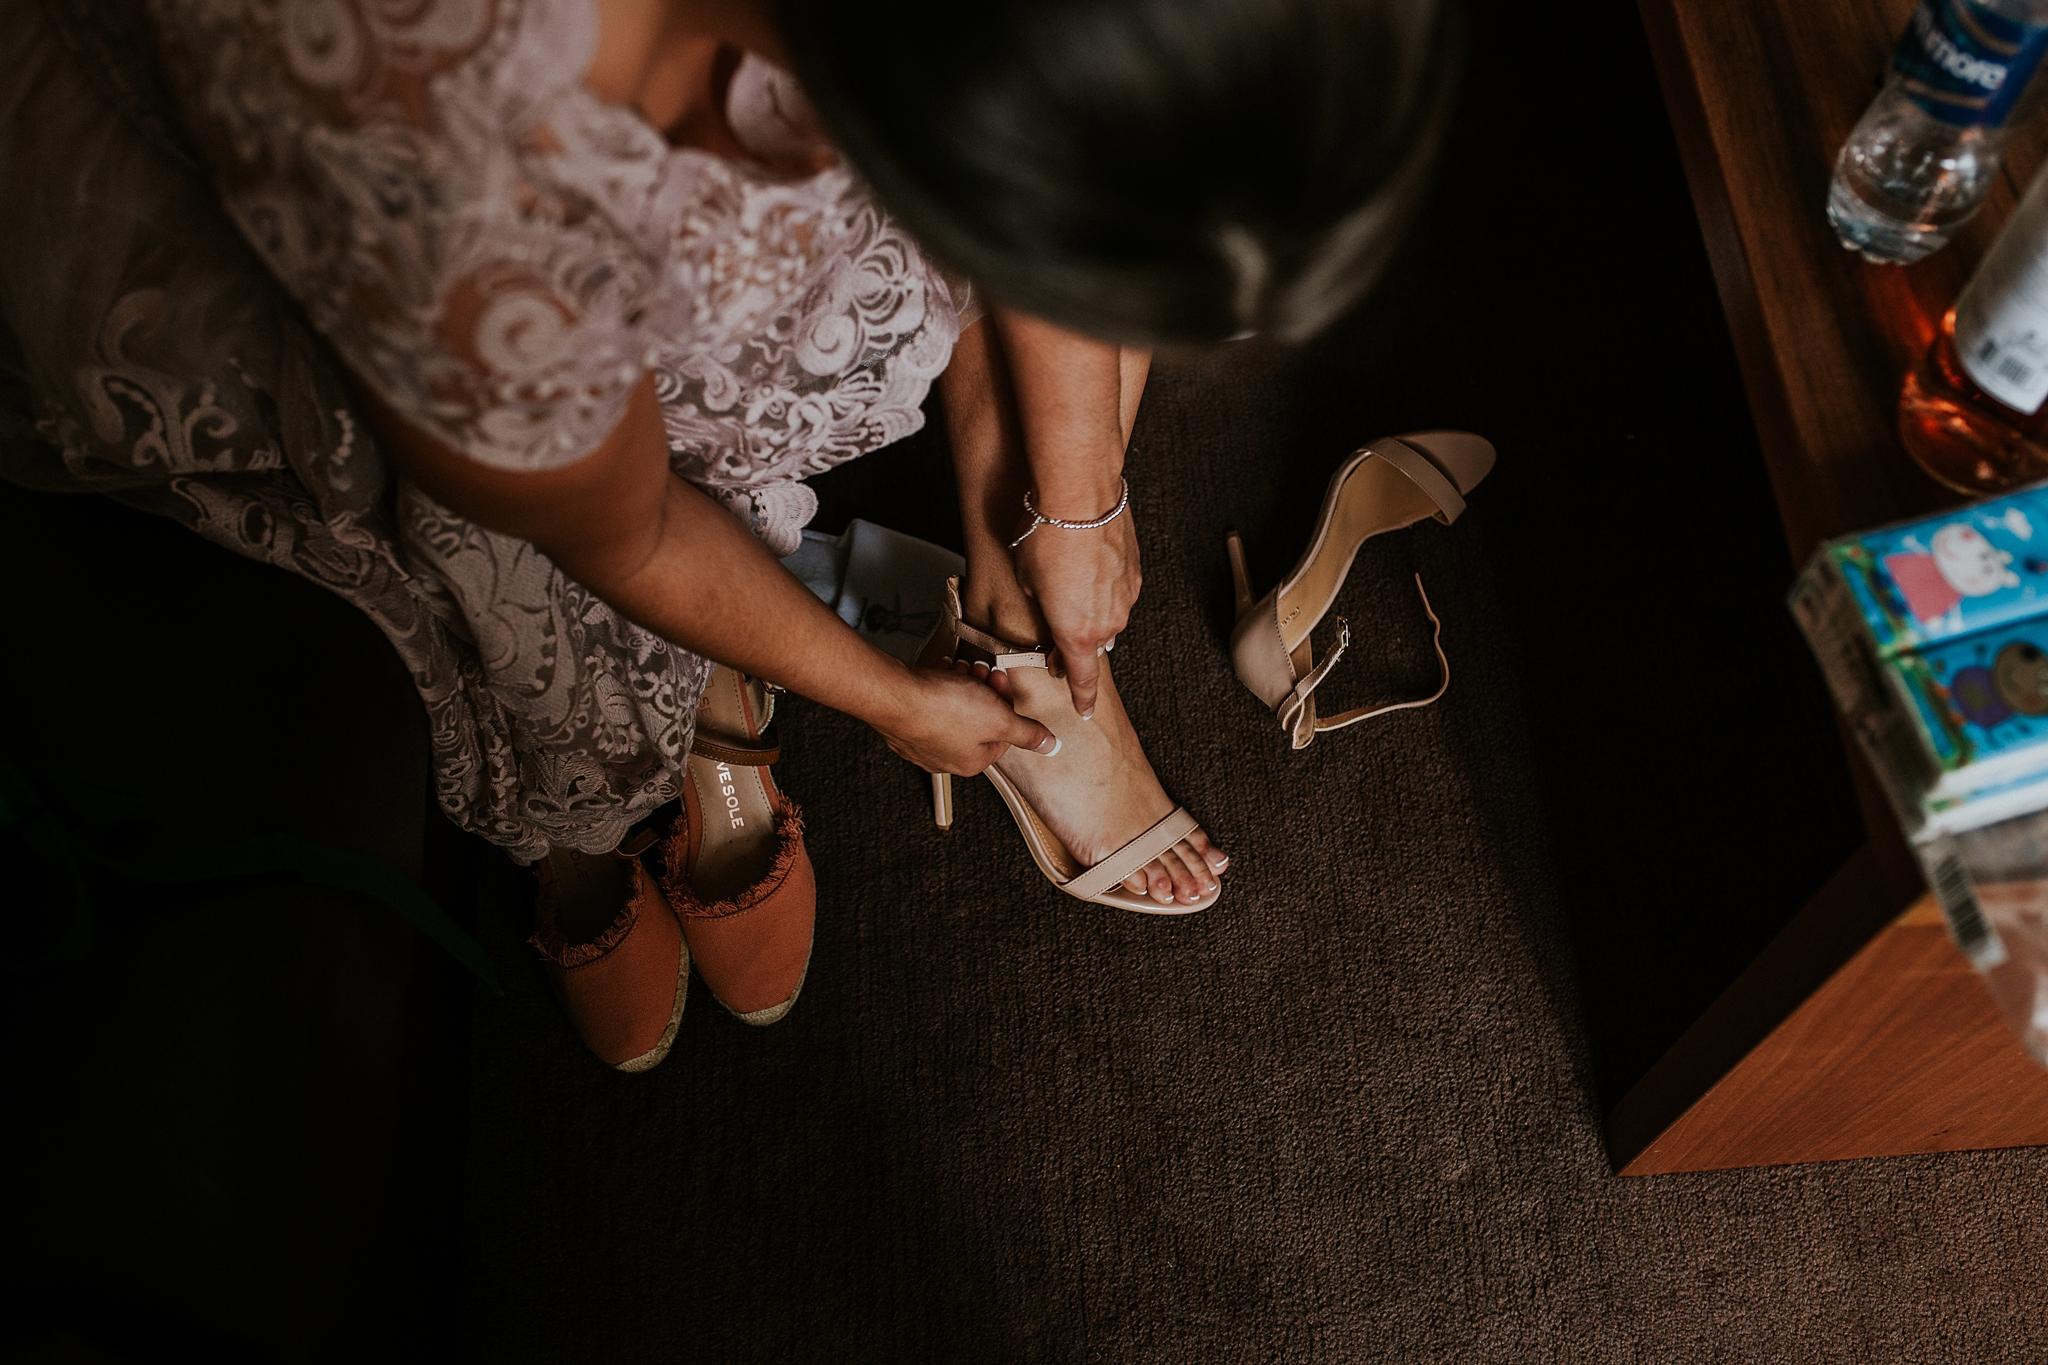 newcastle_upon_tyne_wedding_photographer-8.JPG